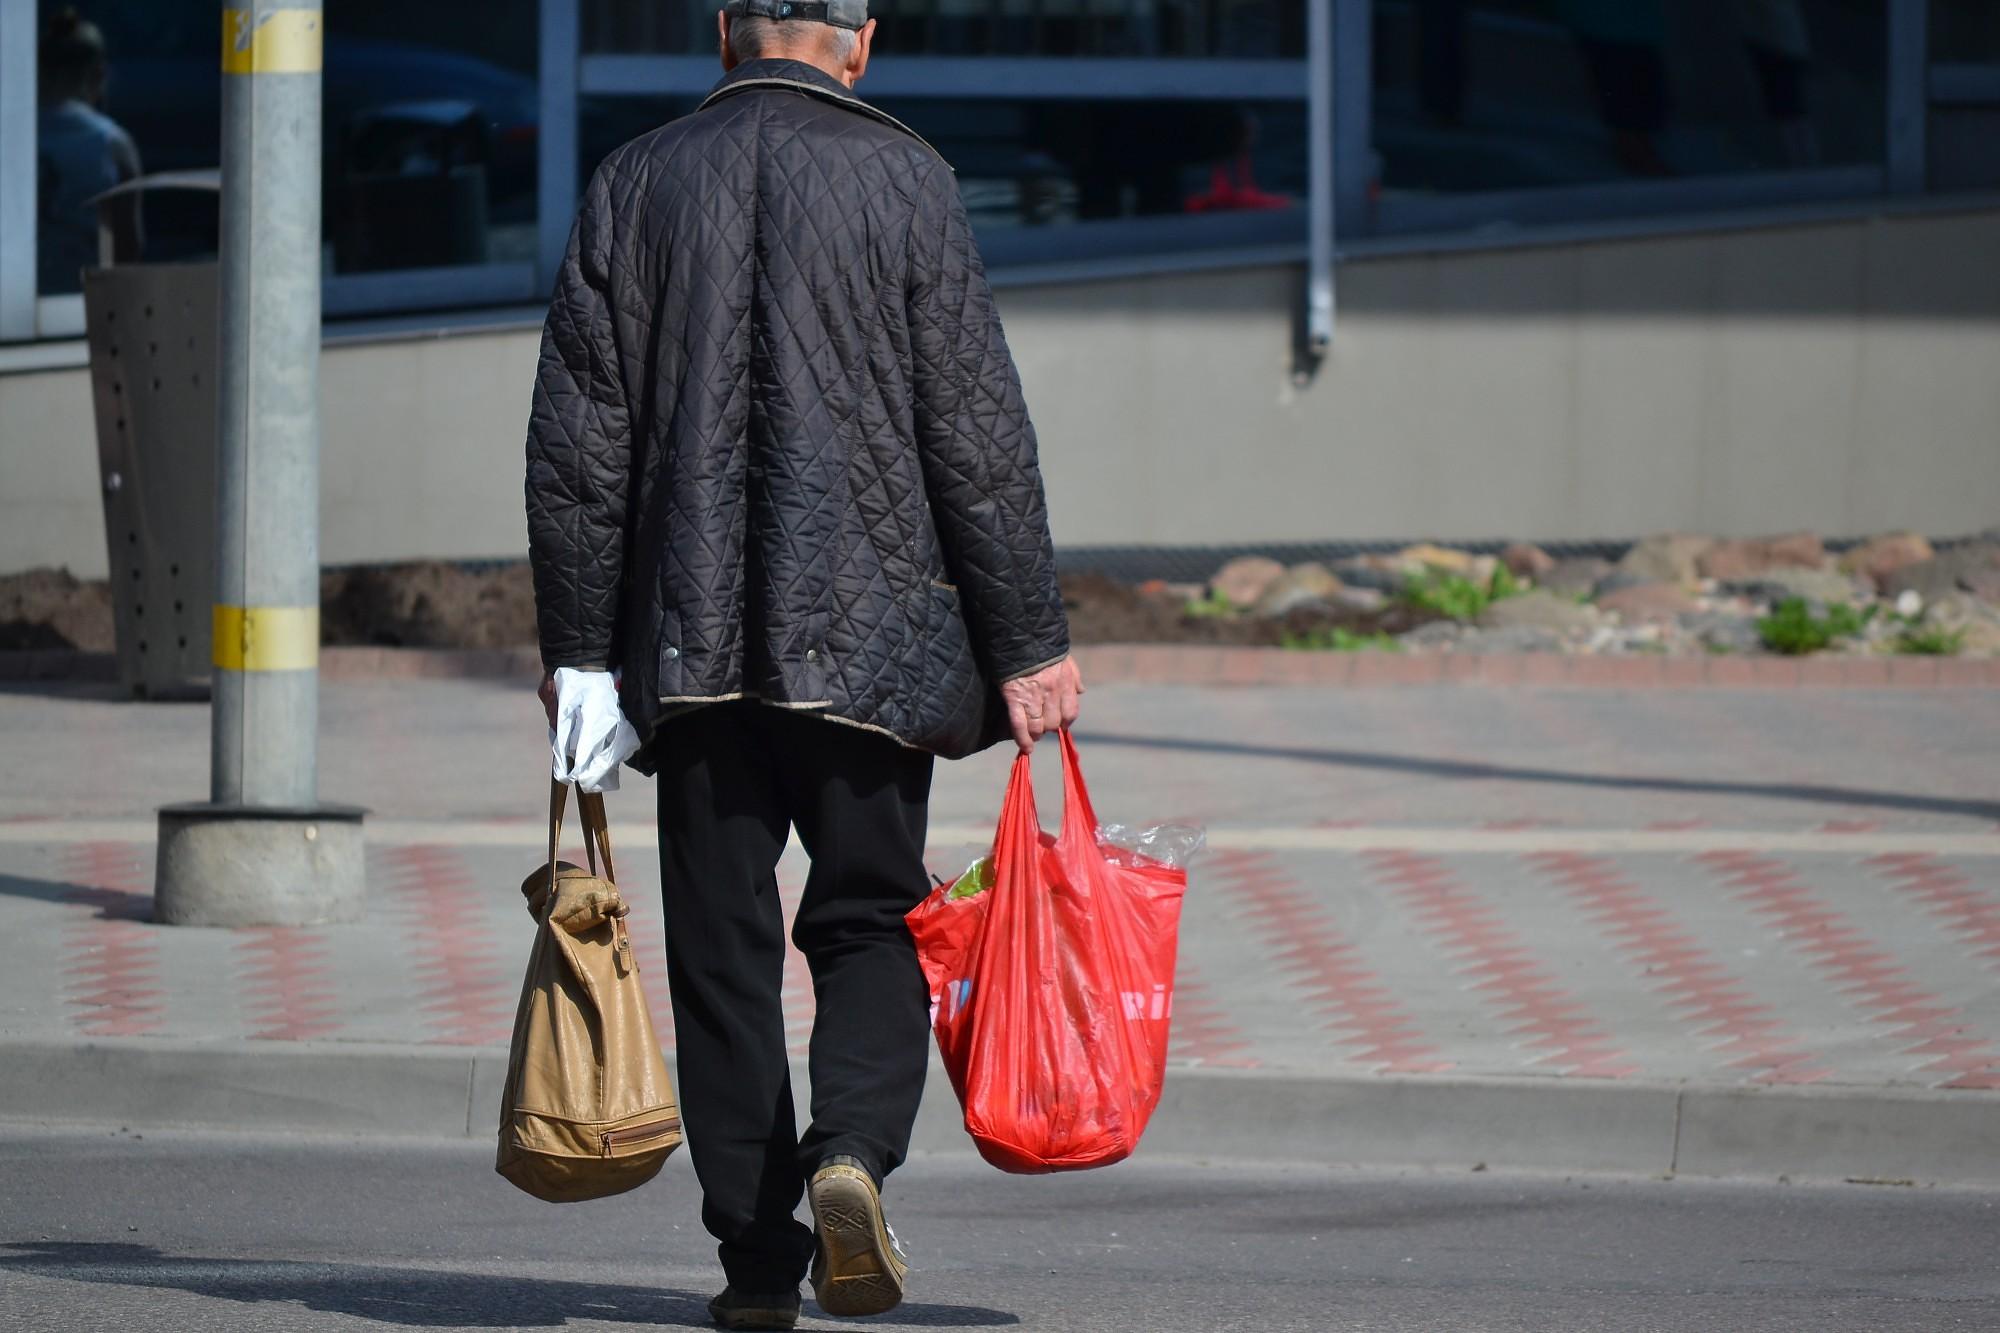 От индексации пенсий больше всего в этом году получат пенсионеры с большим стажем